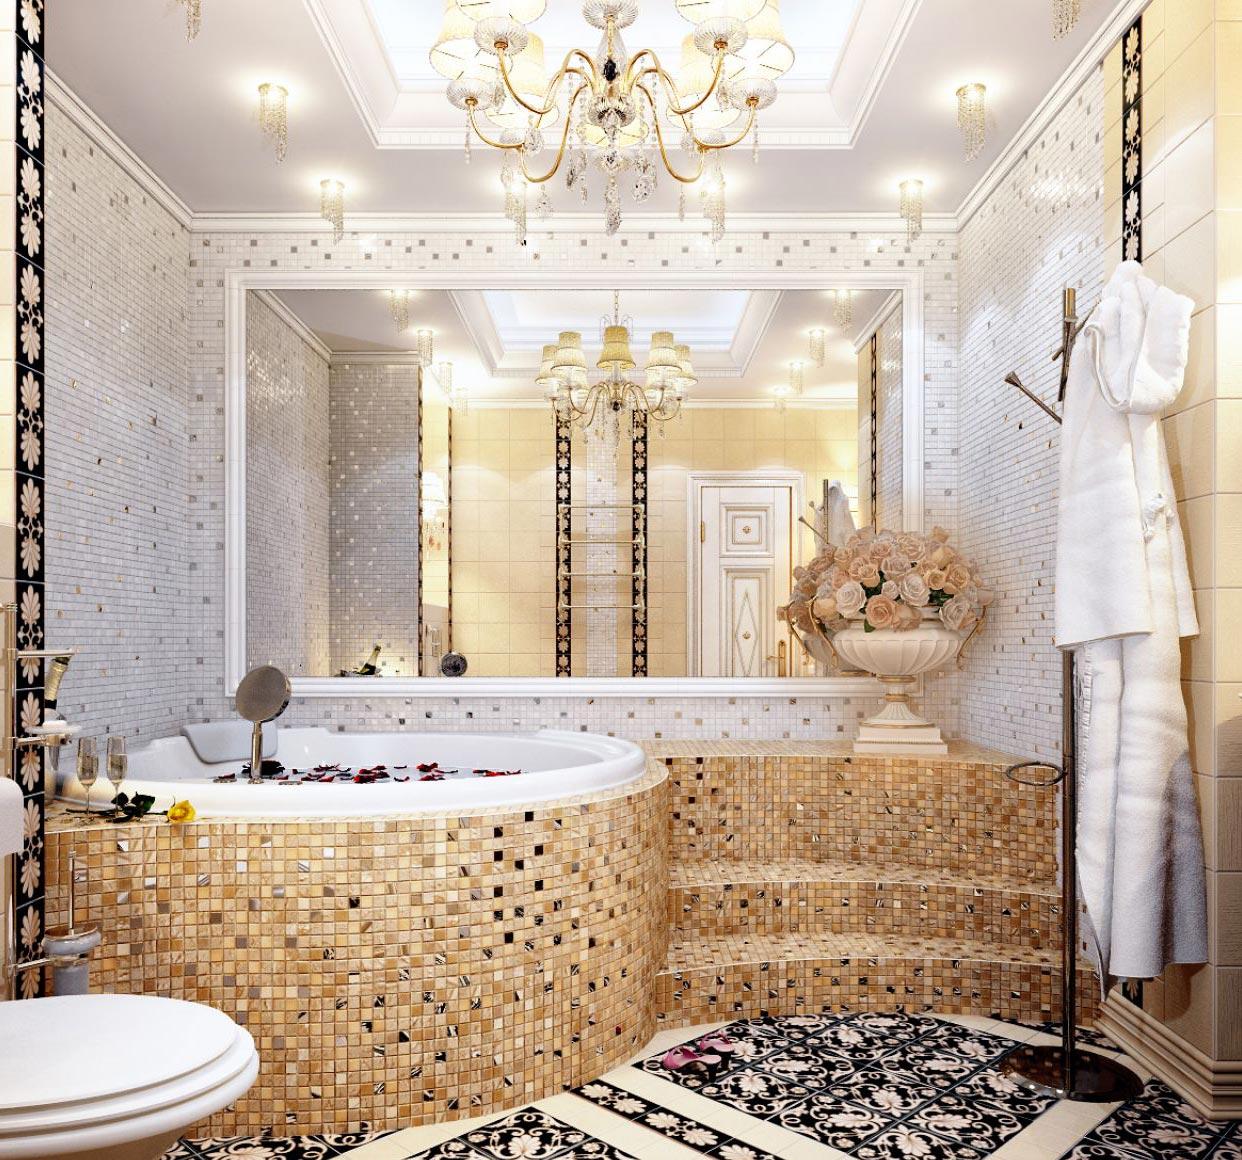 мозаика в большой ванной дизайн